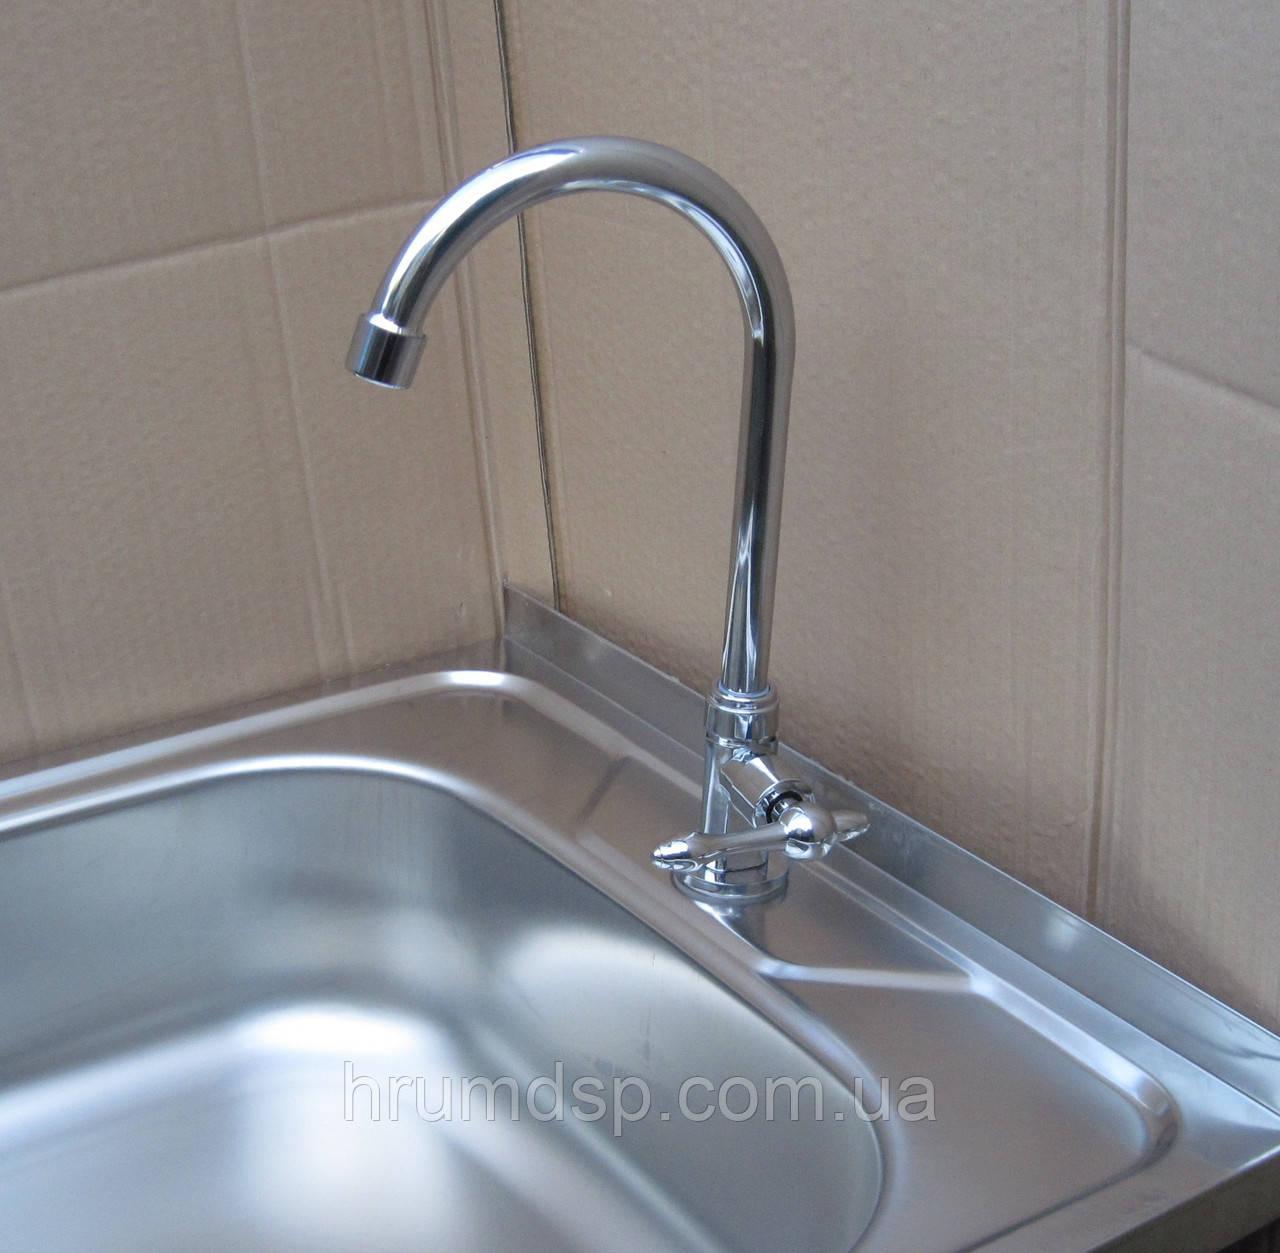 Кран для холодной воды HAIBA